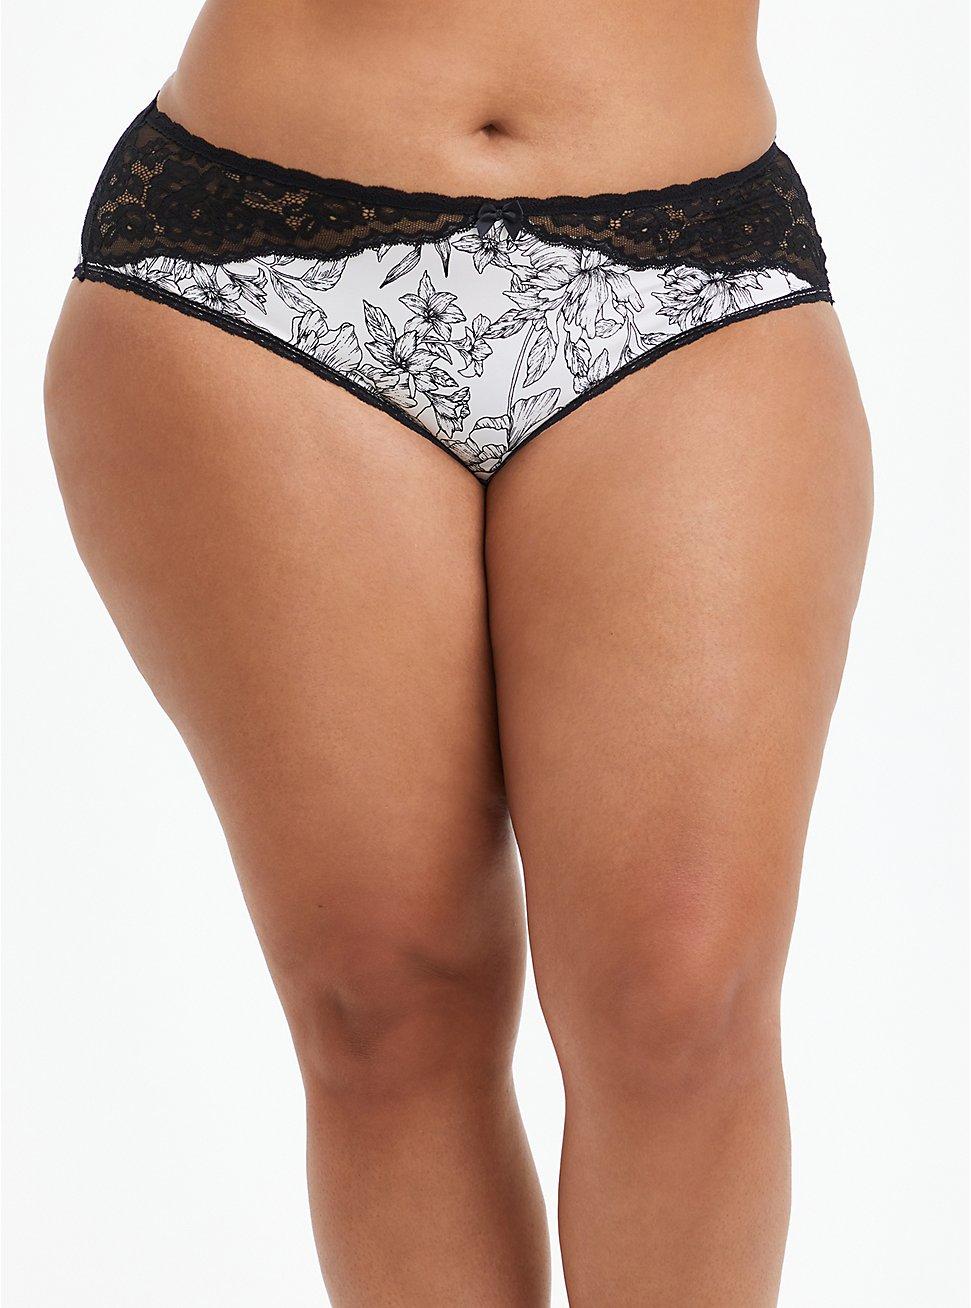 Hipster Panty - Microfiber Floral Black & White , SKETCHBOOK FLORAL WHITE, hi-res